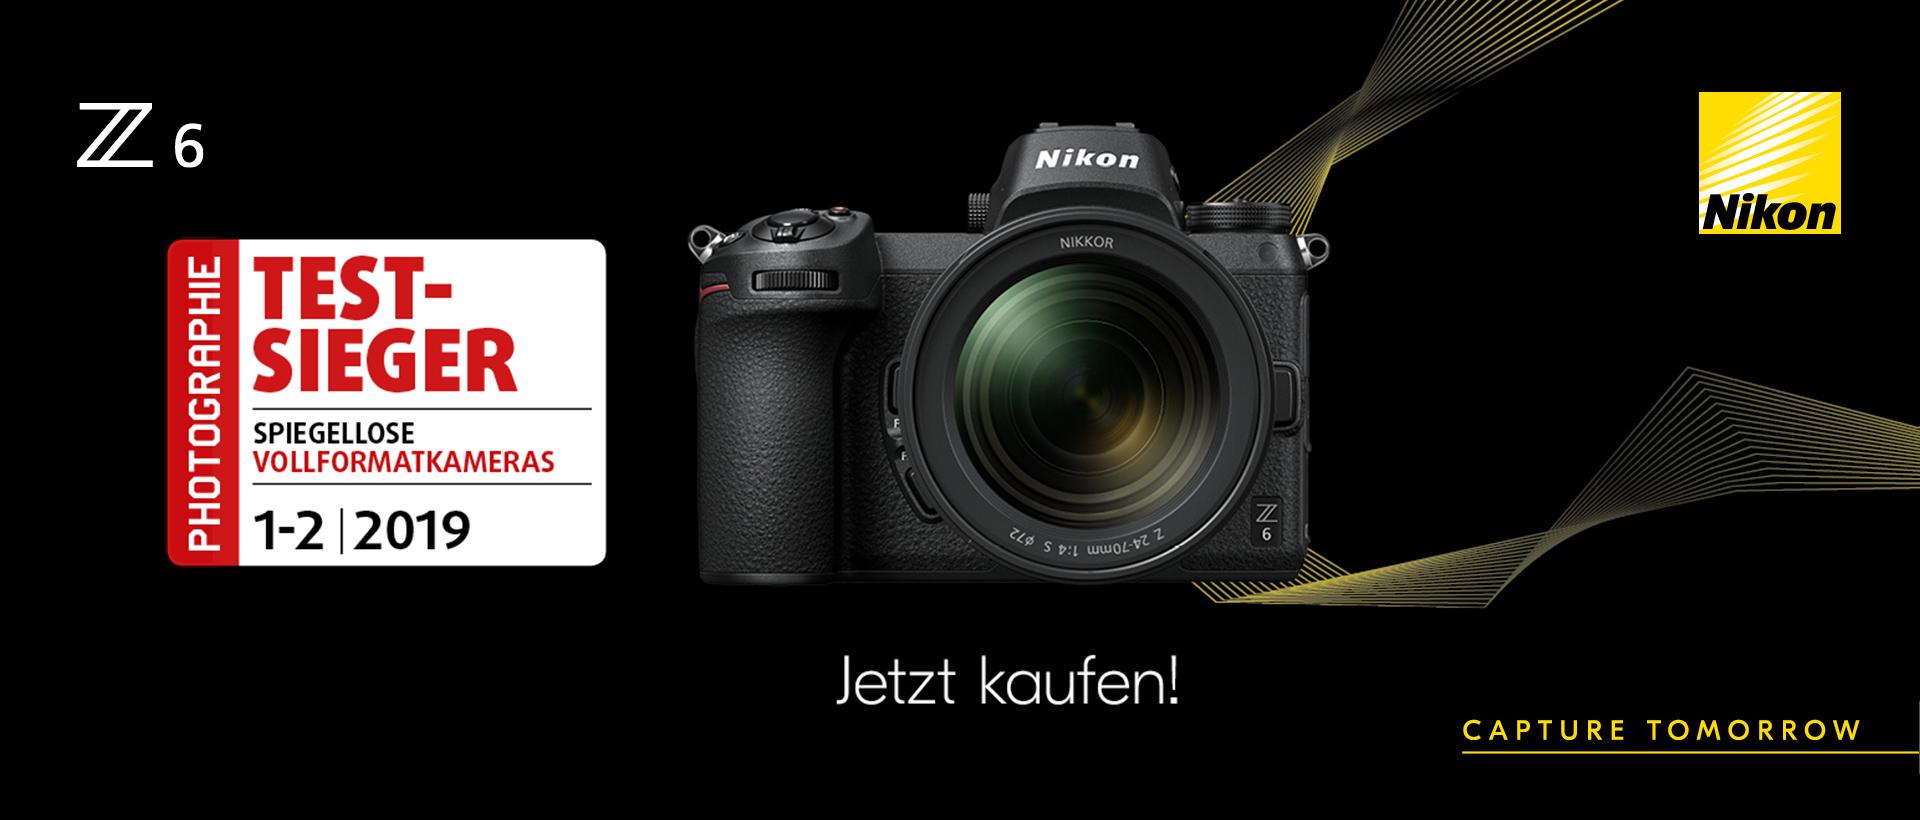 Nikon Z6 Testsieger